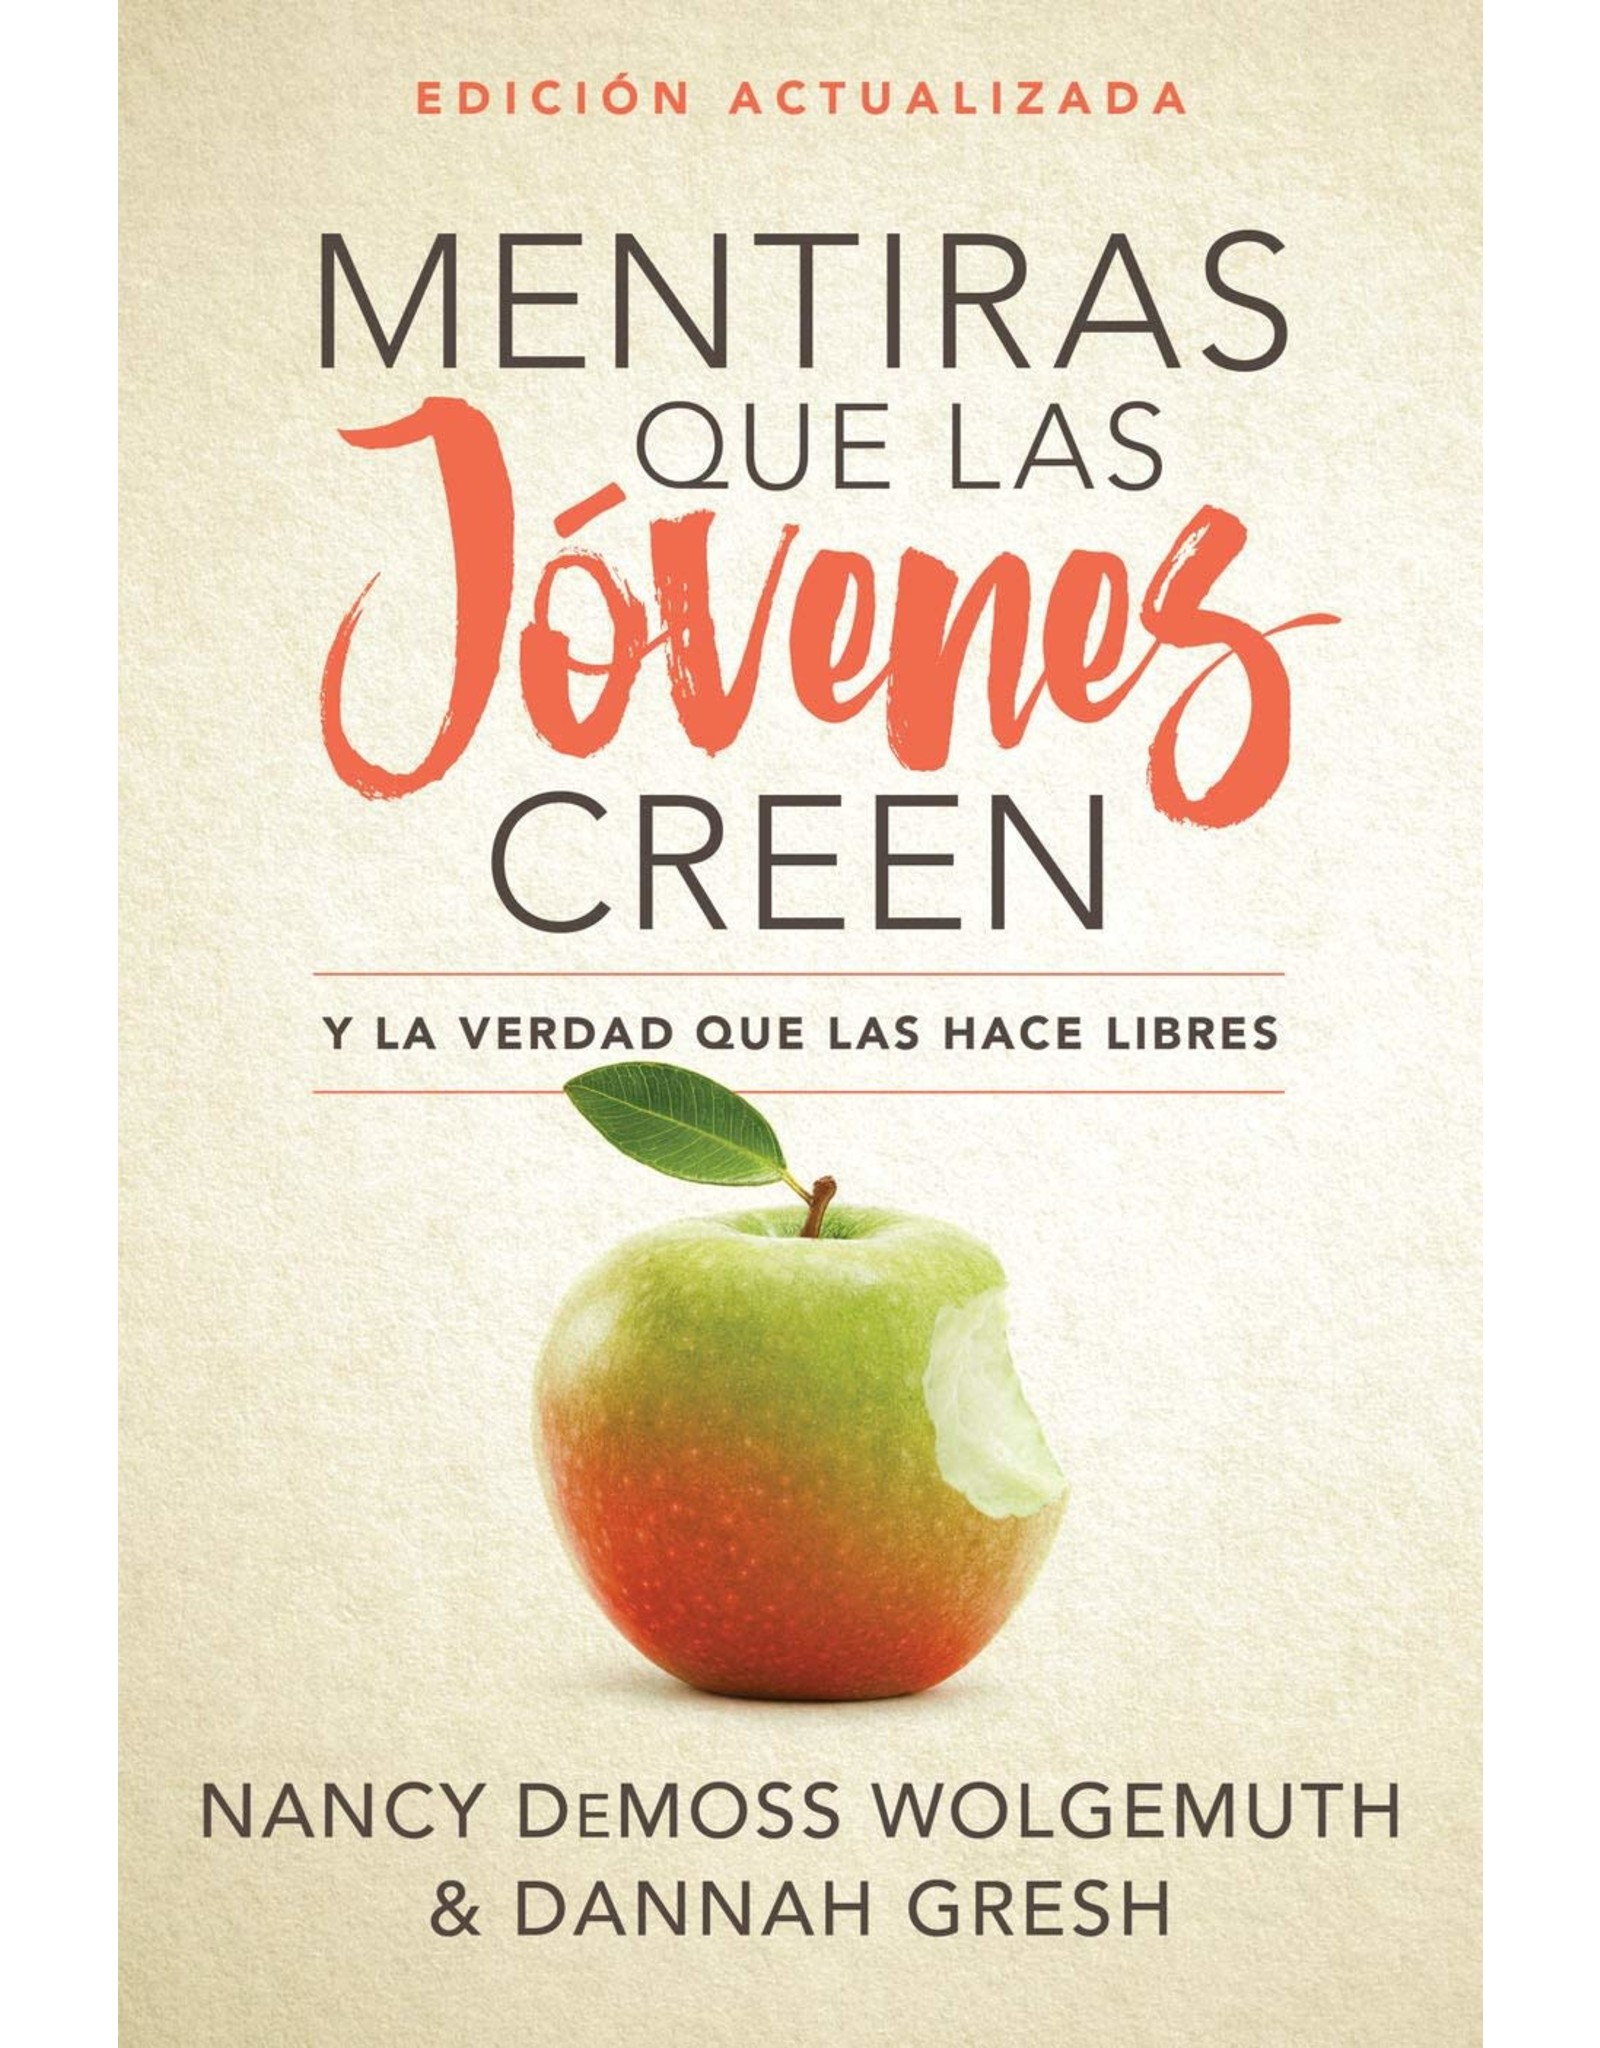 Kregel / Portavoz / Ingram Mentiras que las jóvenes creen, Edición revisada: Y la verdad que las hace libres (Lies Young Women Believe in Spanish)